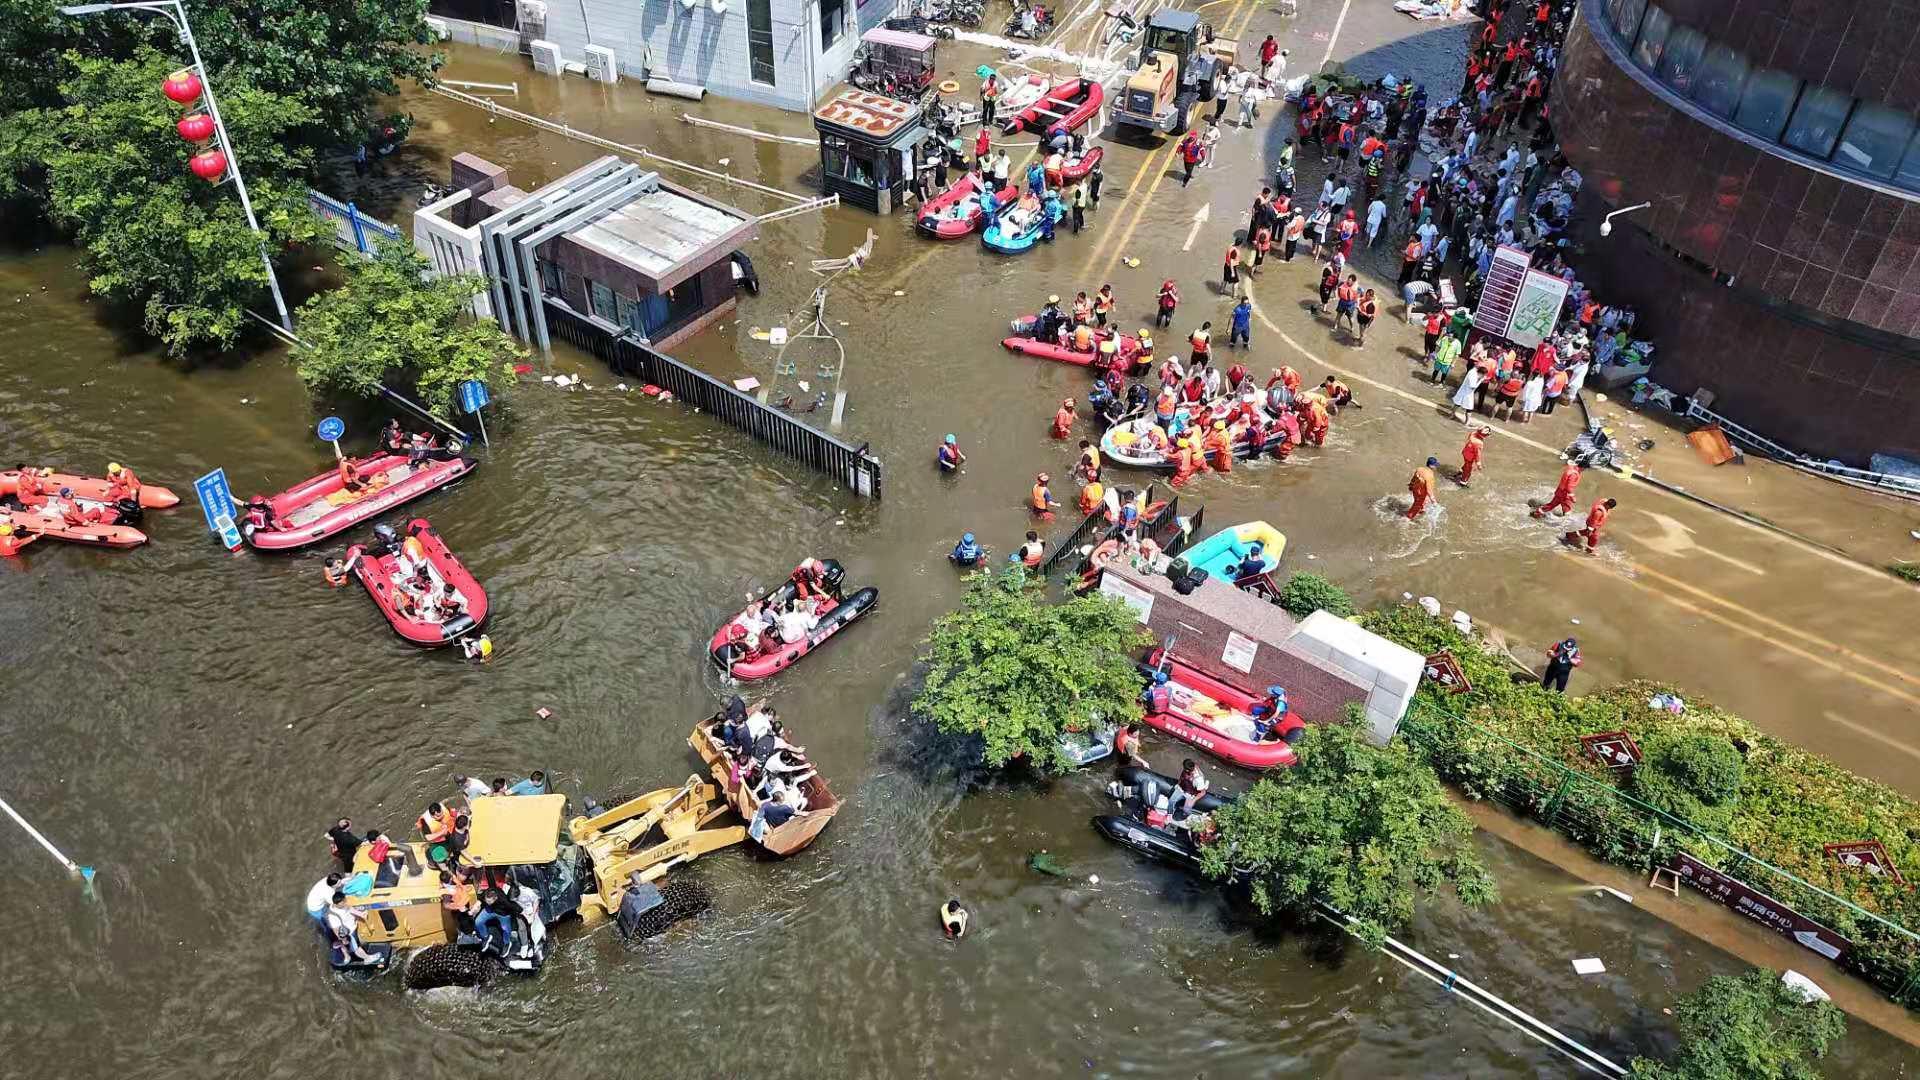 26日下午,新乡医学院第一附属医院,多个救援队的冲锋舟参与转运病人。新京报记者 王飞 摄